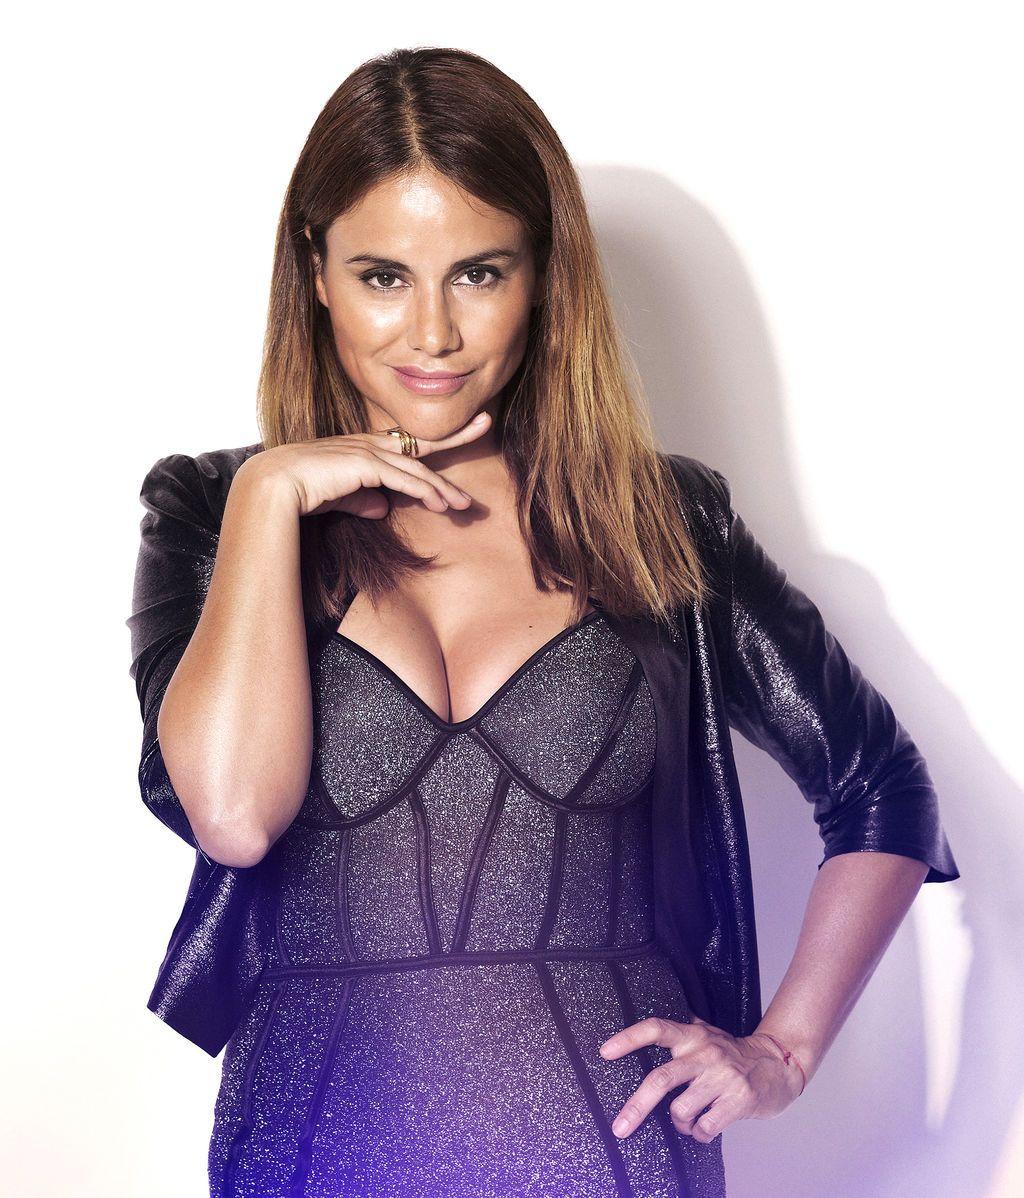 Mónica Hoyos. Presentadora y actriz. Perú. 42 años